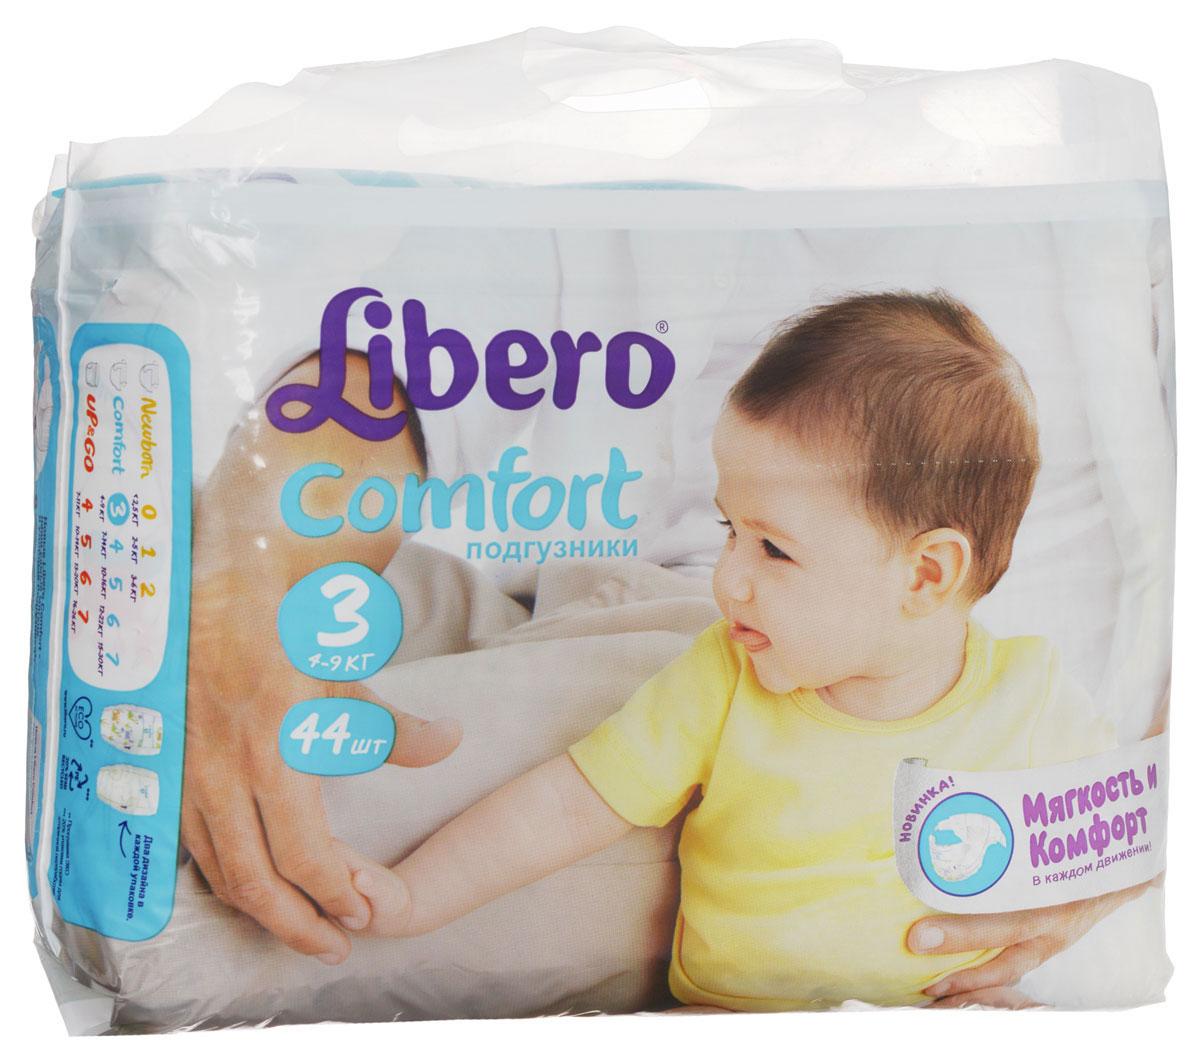 Libero Подгузники Comfort (4-9 кг) 44 шт5Подгузники премиум-класса Libero Comfort, выполненные из мягкого ультратонкого материала, отлично сидят и заботятся о сухости и комфорте вашего малыша. Преимущества подгузников Libero Comfort: позволяют коже дышать, при этом хорошо впитывают; эластичный удобный поясок и тянущиеся боковинки; с вырезом вокруг пупка, закрытым тонким дышащим материалом, предотвращающим натирание; мягкие барьерчики от протекания по бокам и резиночки вокруг ножек; в упаковке 2 разных дизайна подгузников. Характеристики: Весовая категория: 4-9 кг. Количество: 44 шт. Размер: 3.